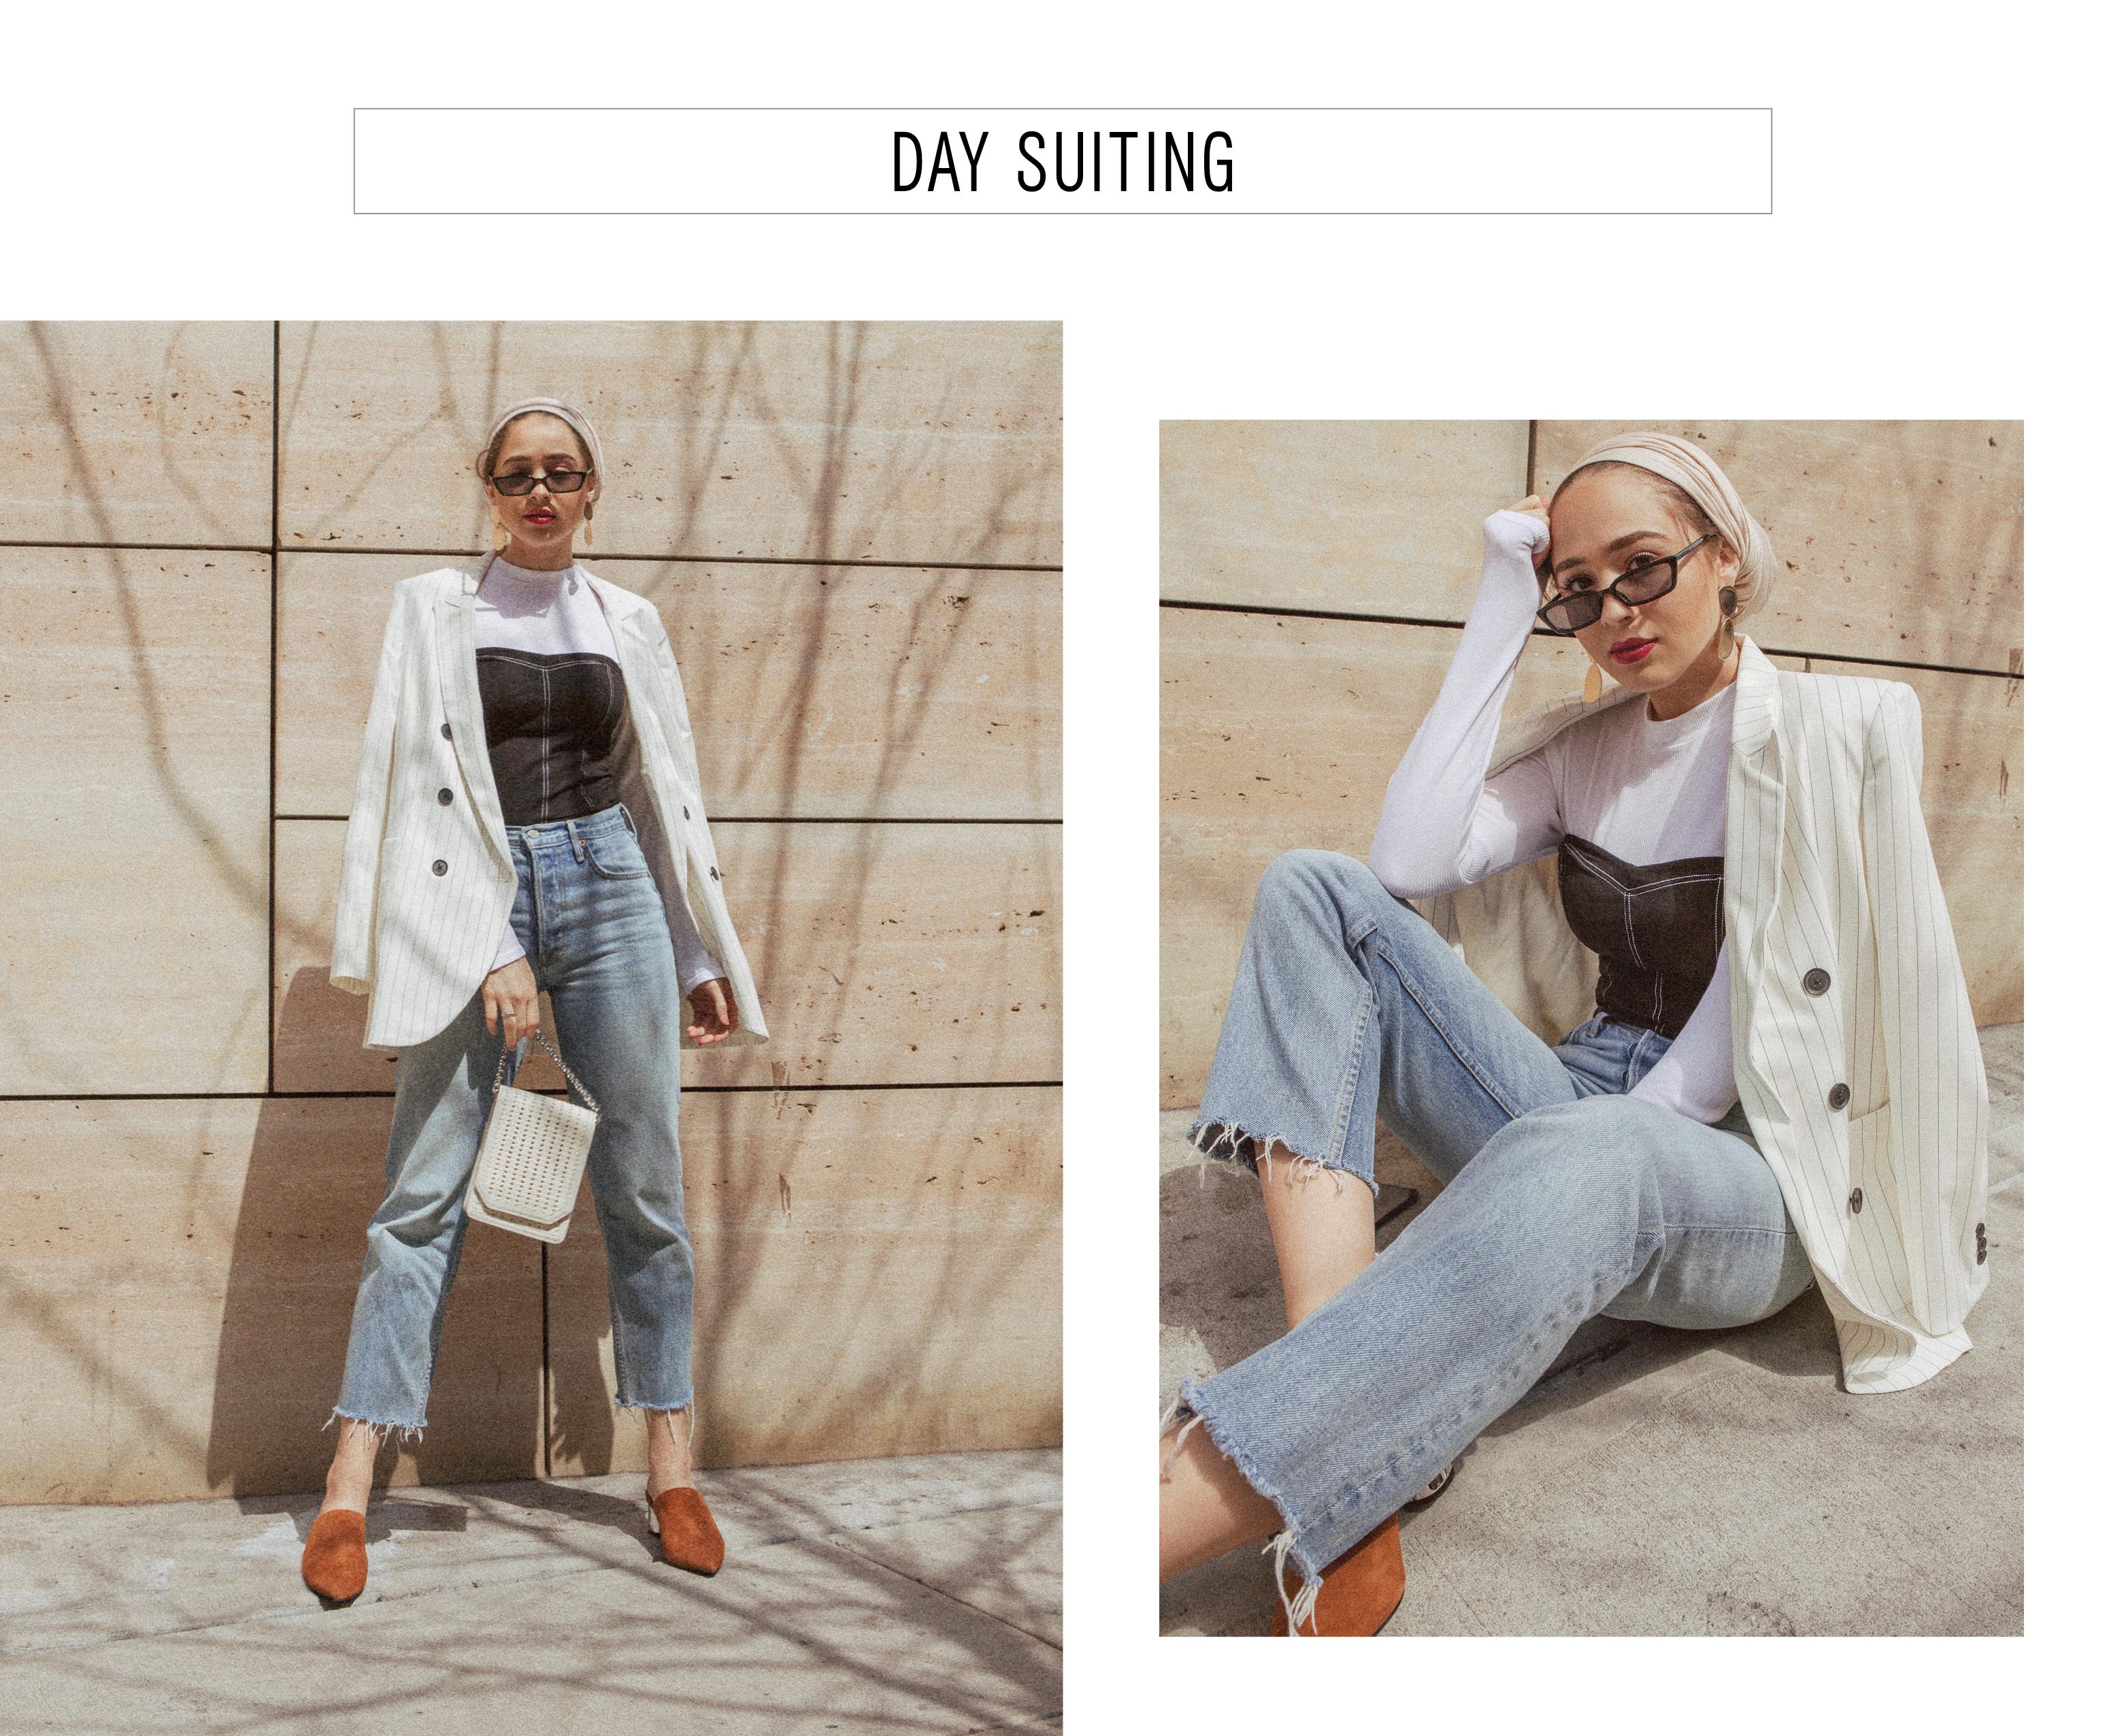 maria-alia-day-suiting